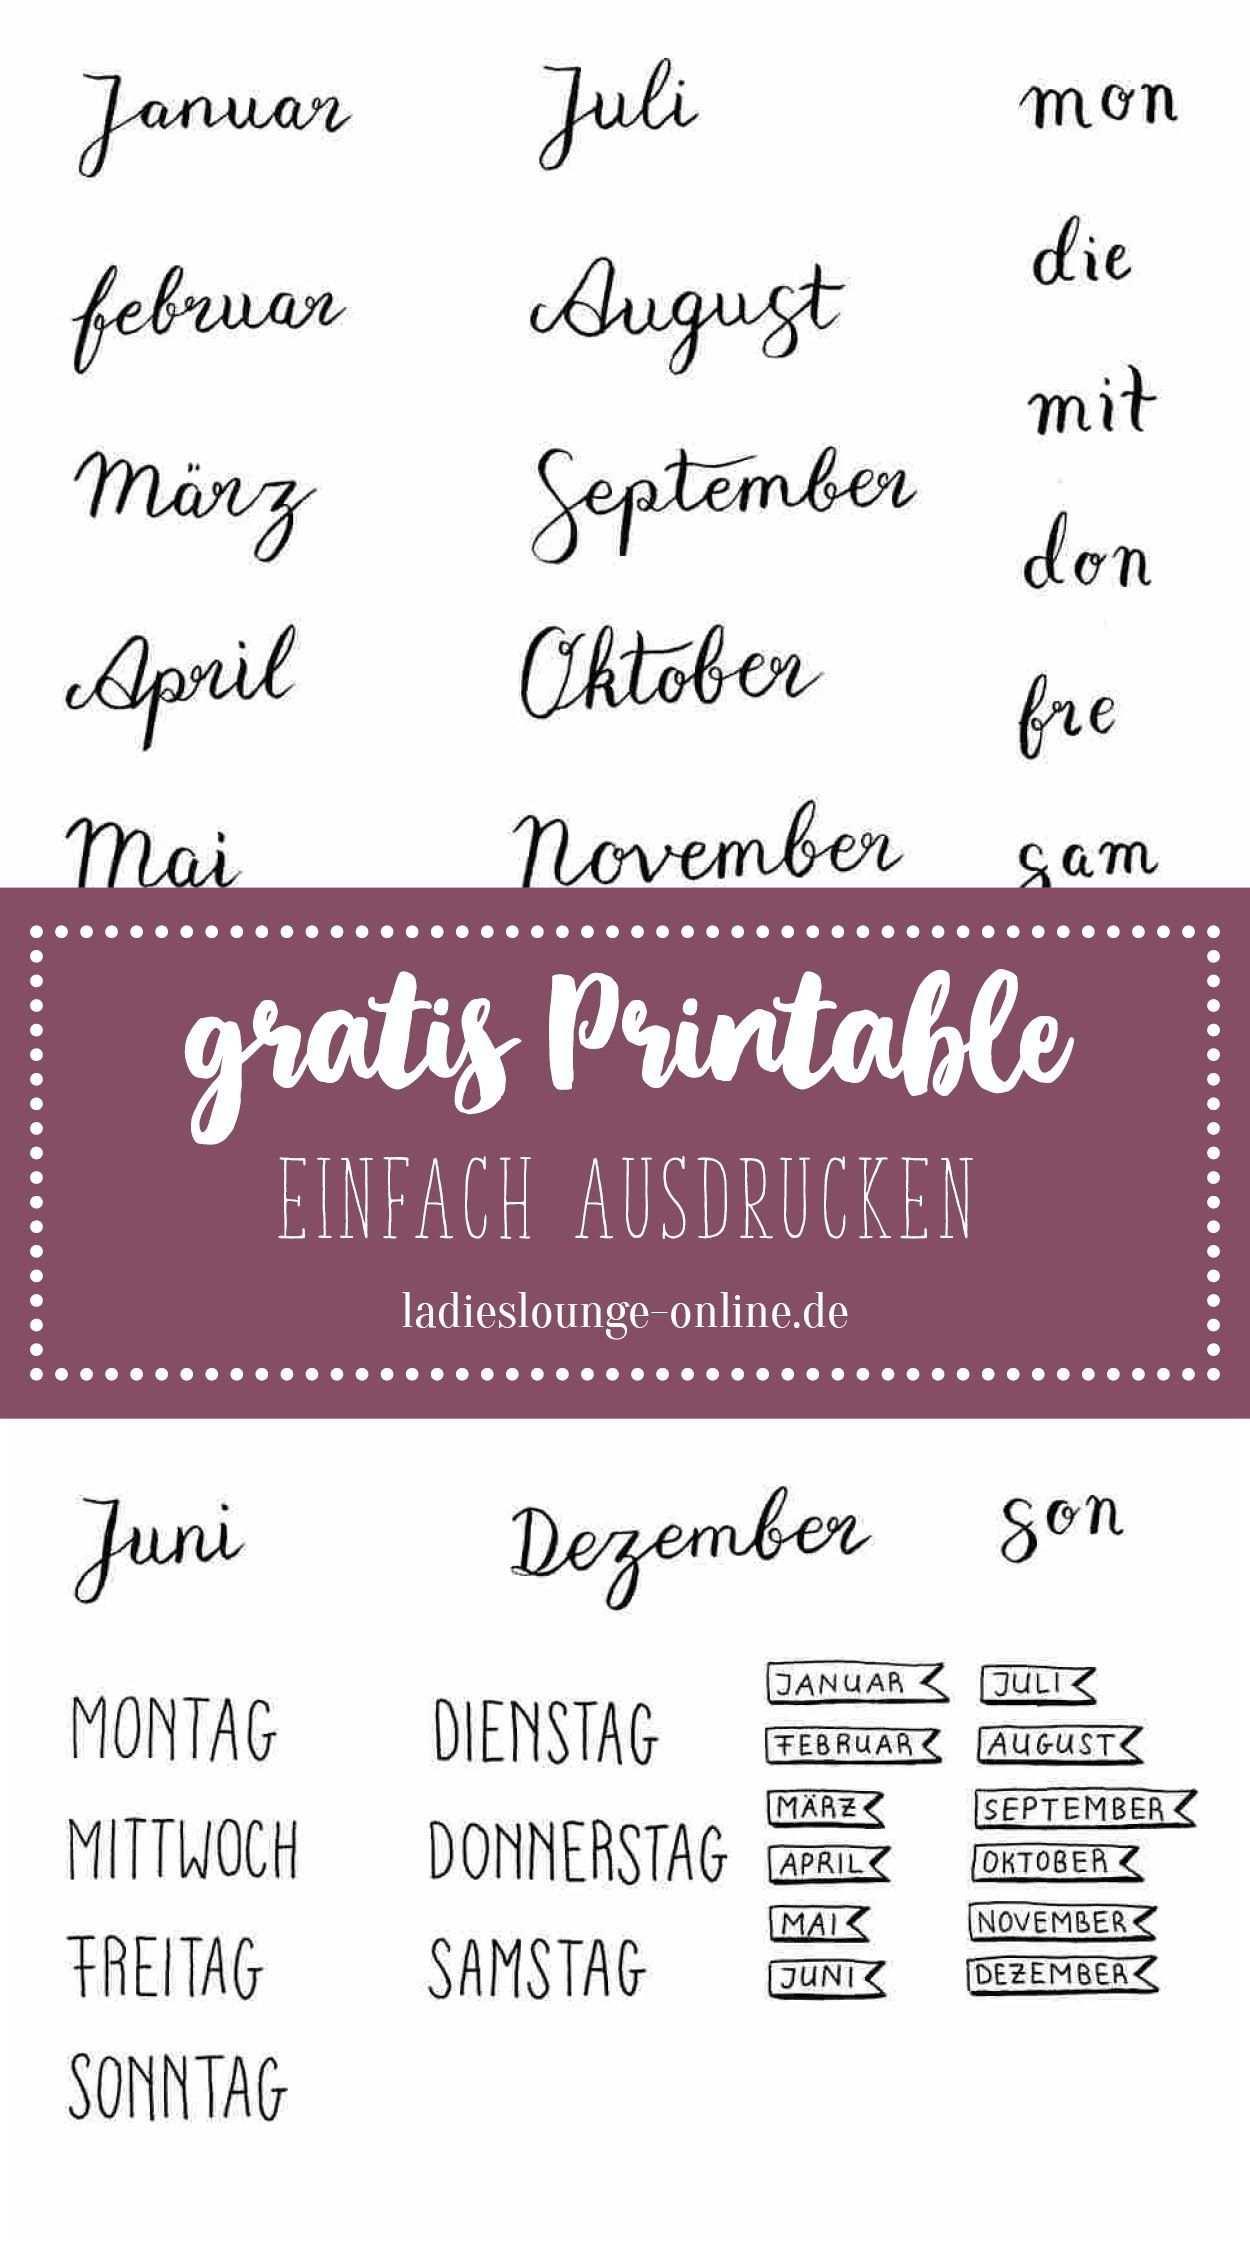 Free Printable Gratis Handmade Vorlage Fur Monate Und